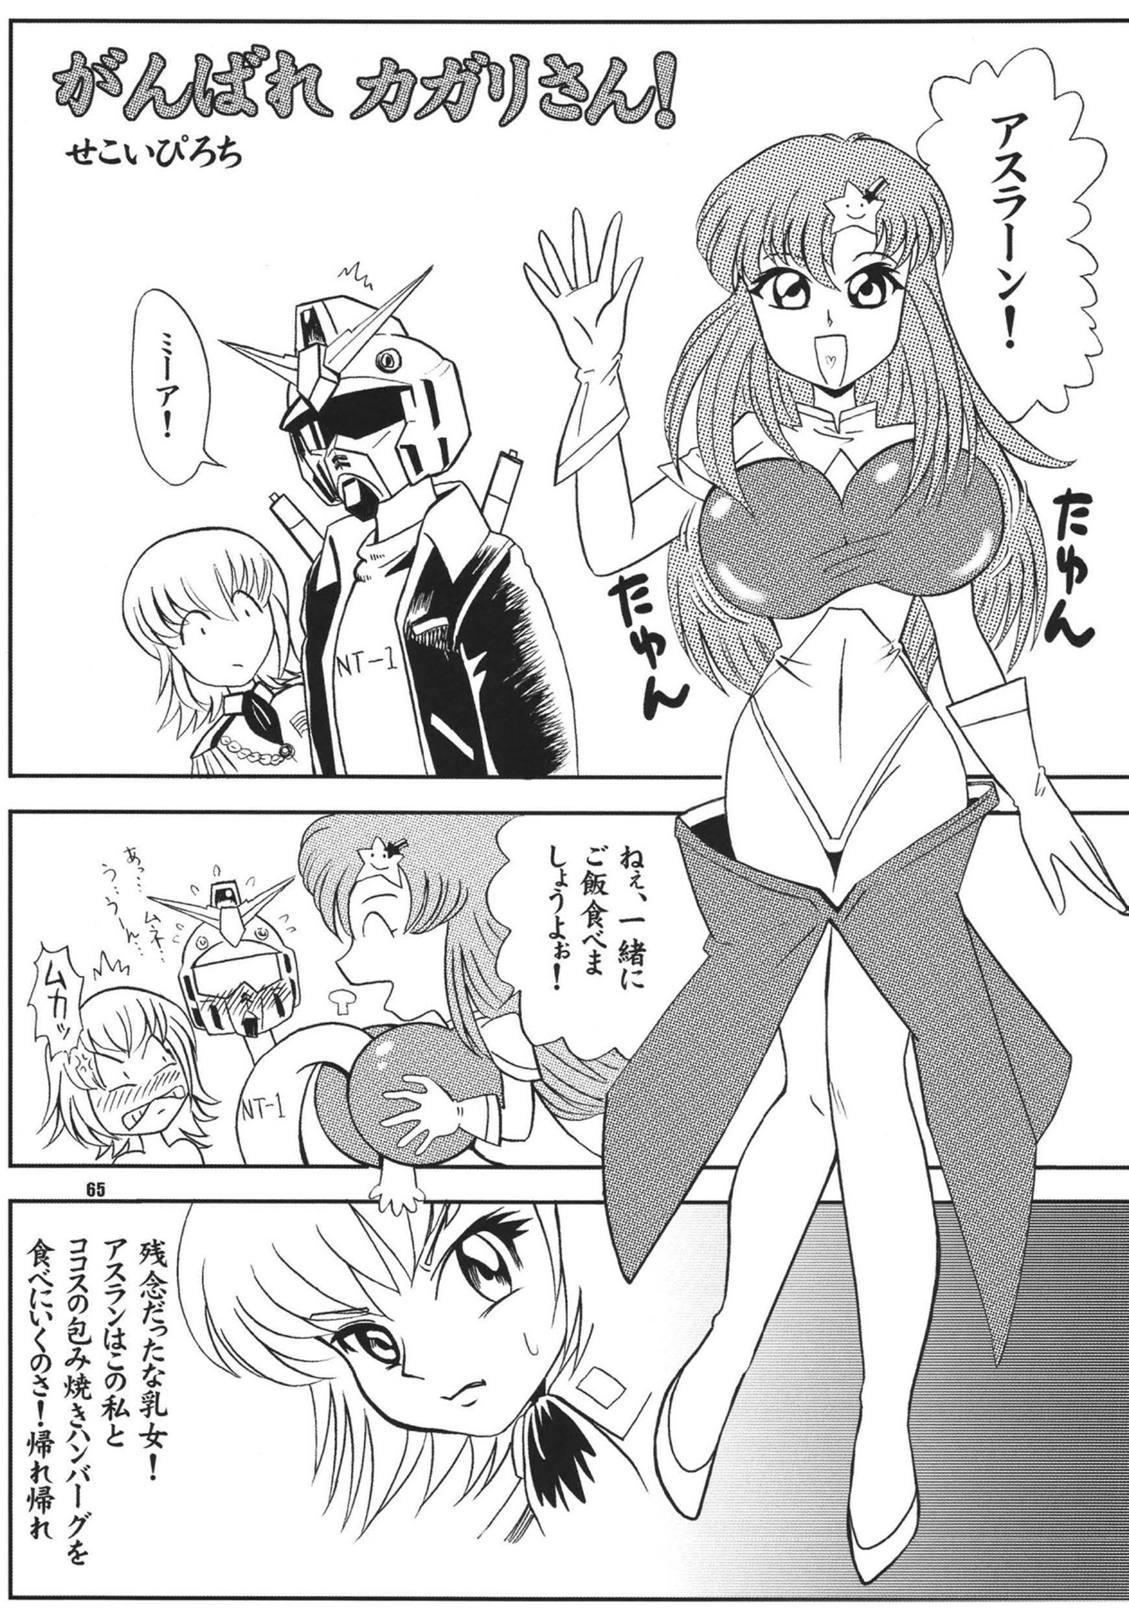 Tsundere Tamashii 64